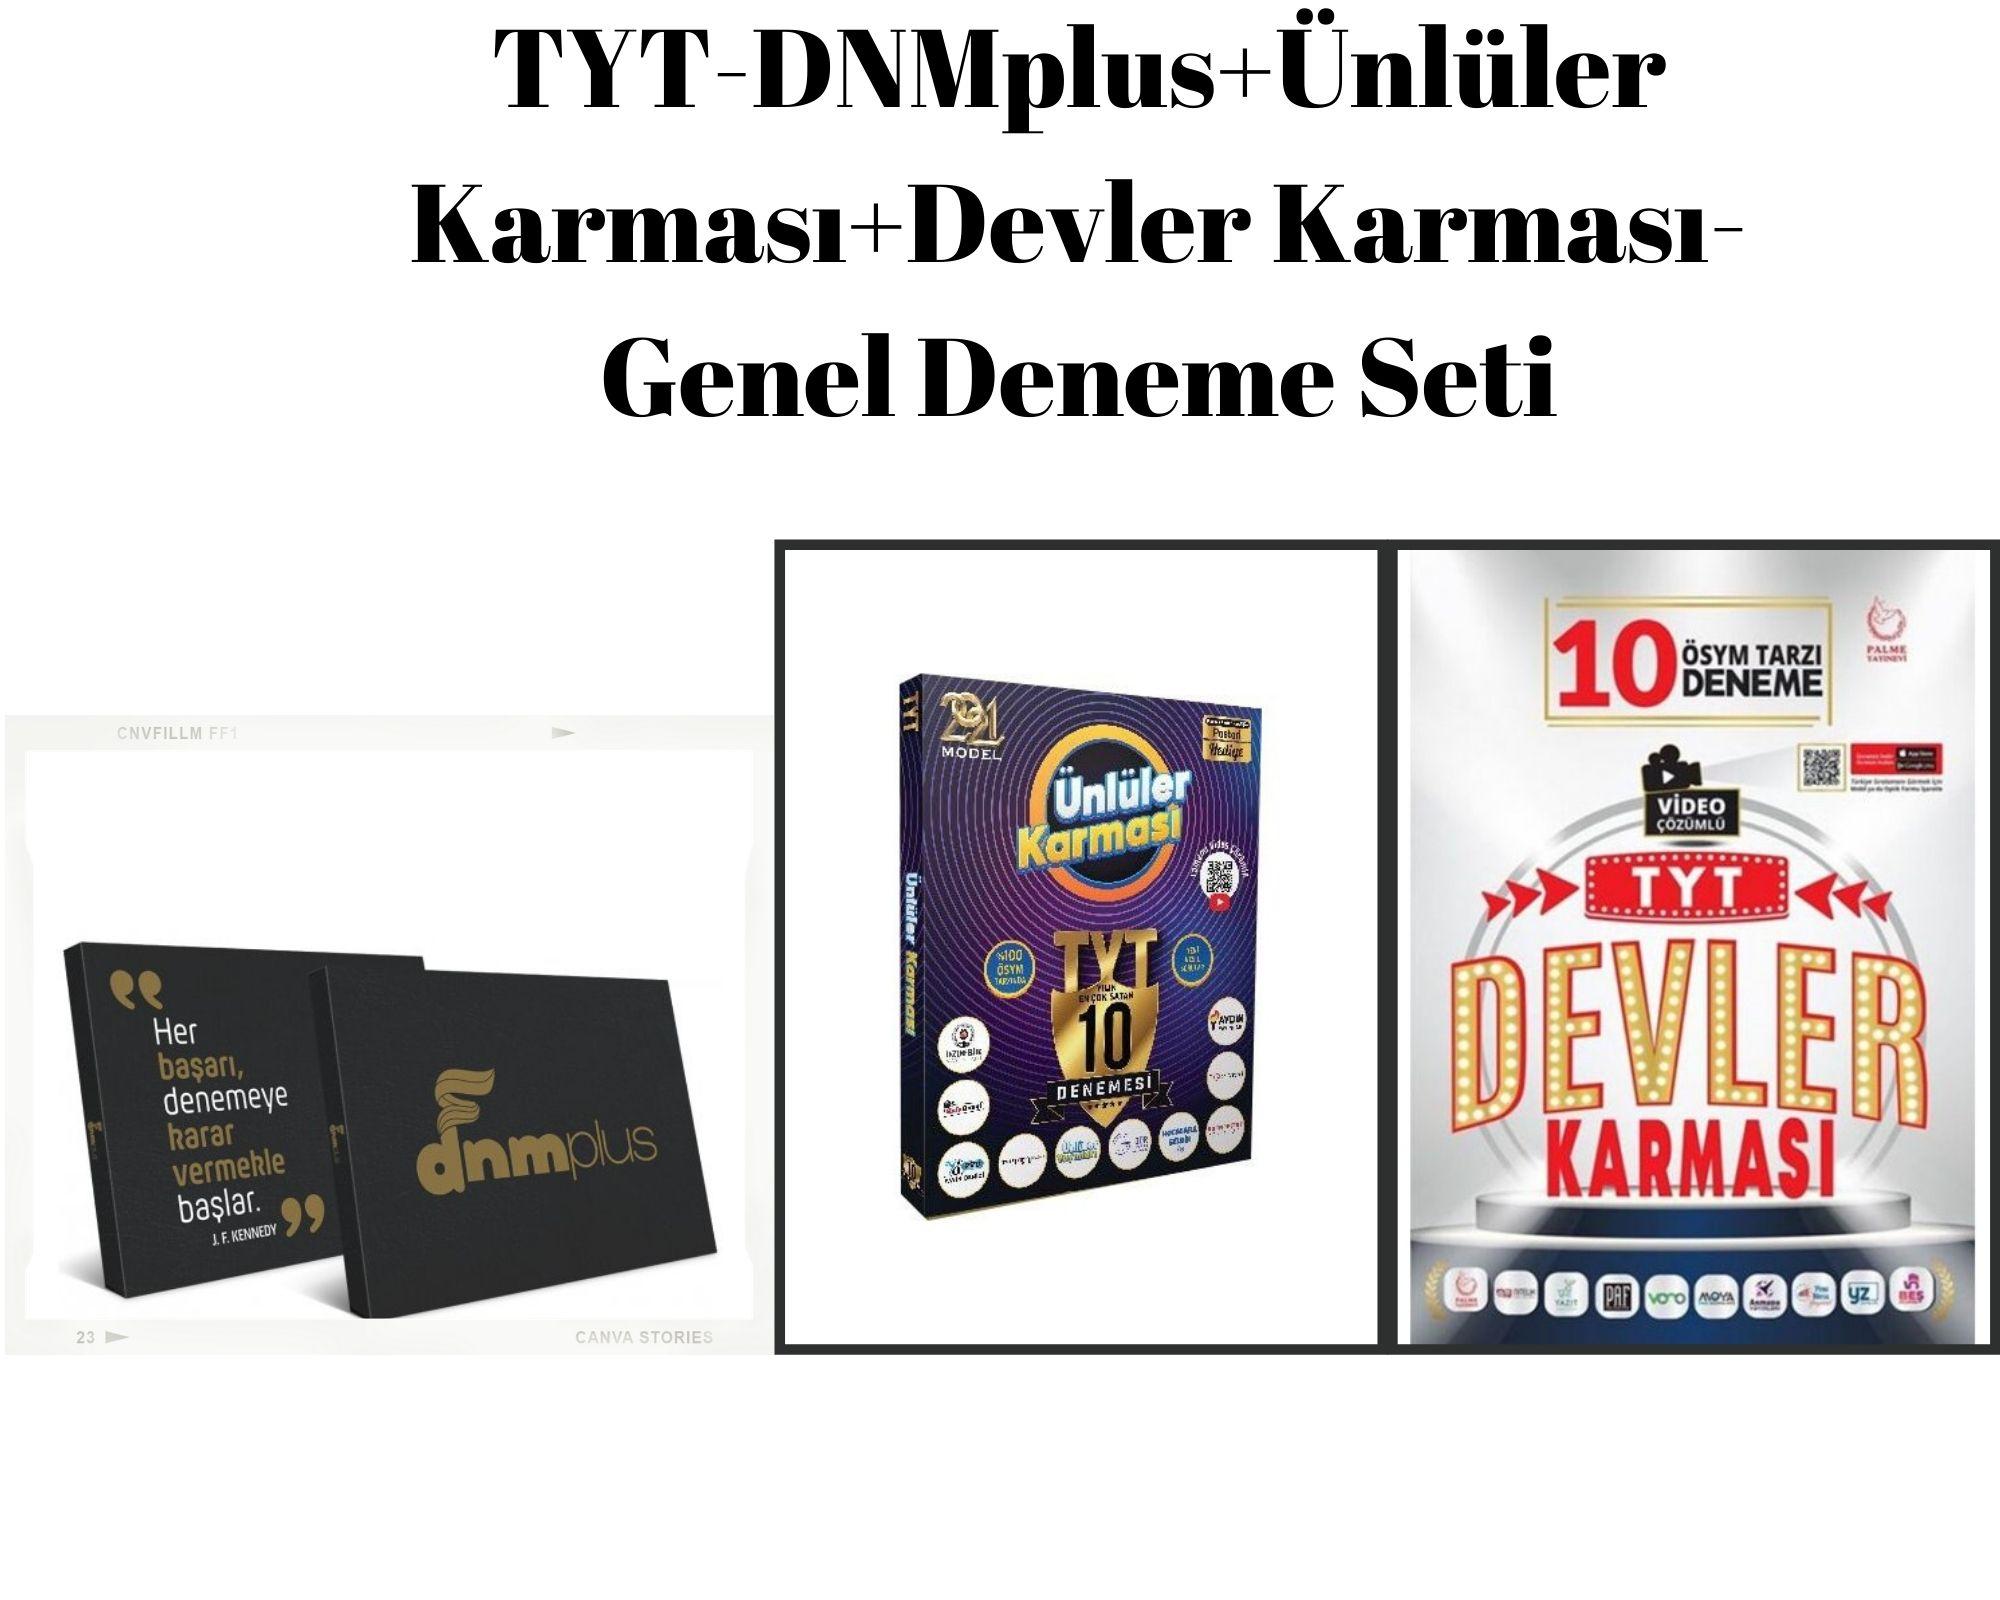 TYT-DNMplus+Ünlüler Karması+Devler Karması-Genel Deneme Seti